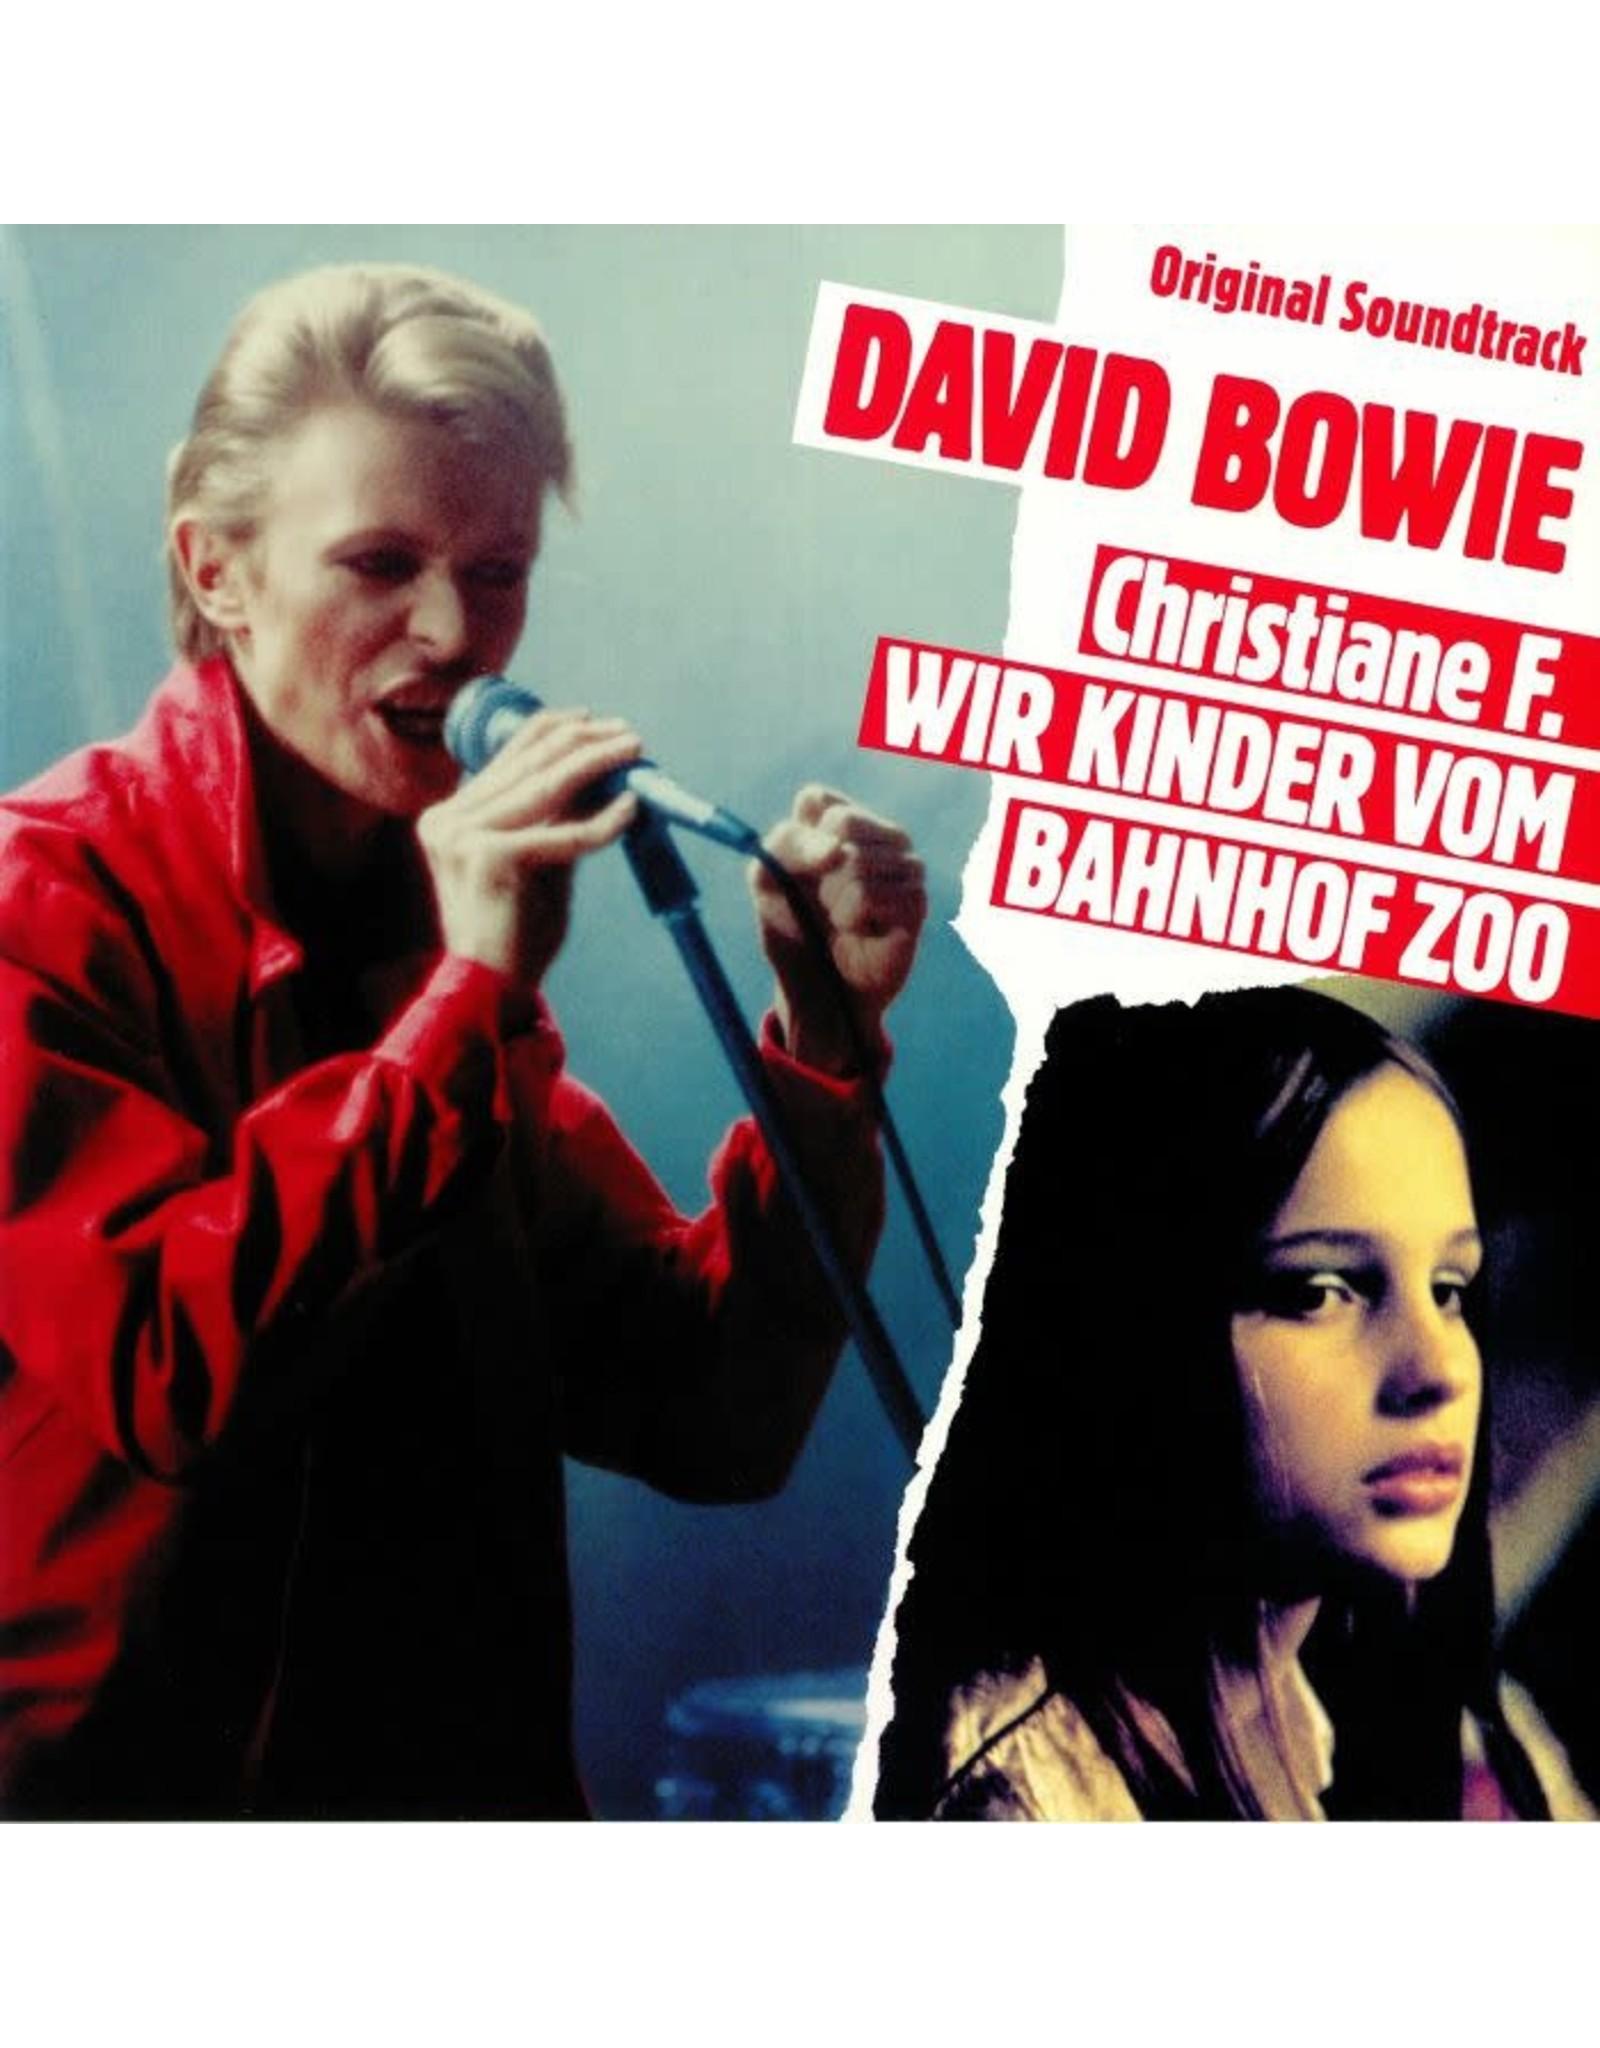 David Bowie - Christaine F. Wir Kinder Vom Bahnhof Zoo (Red Vinyl)